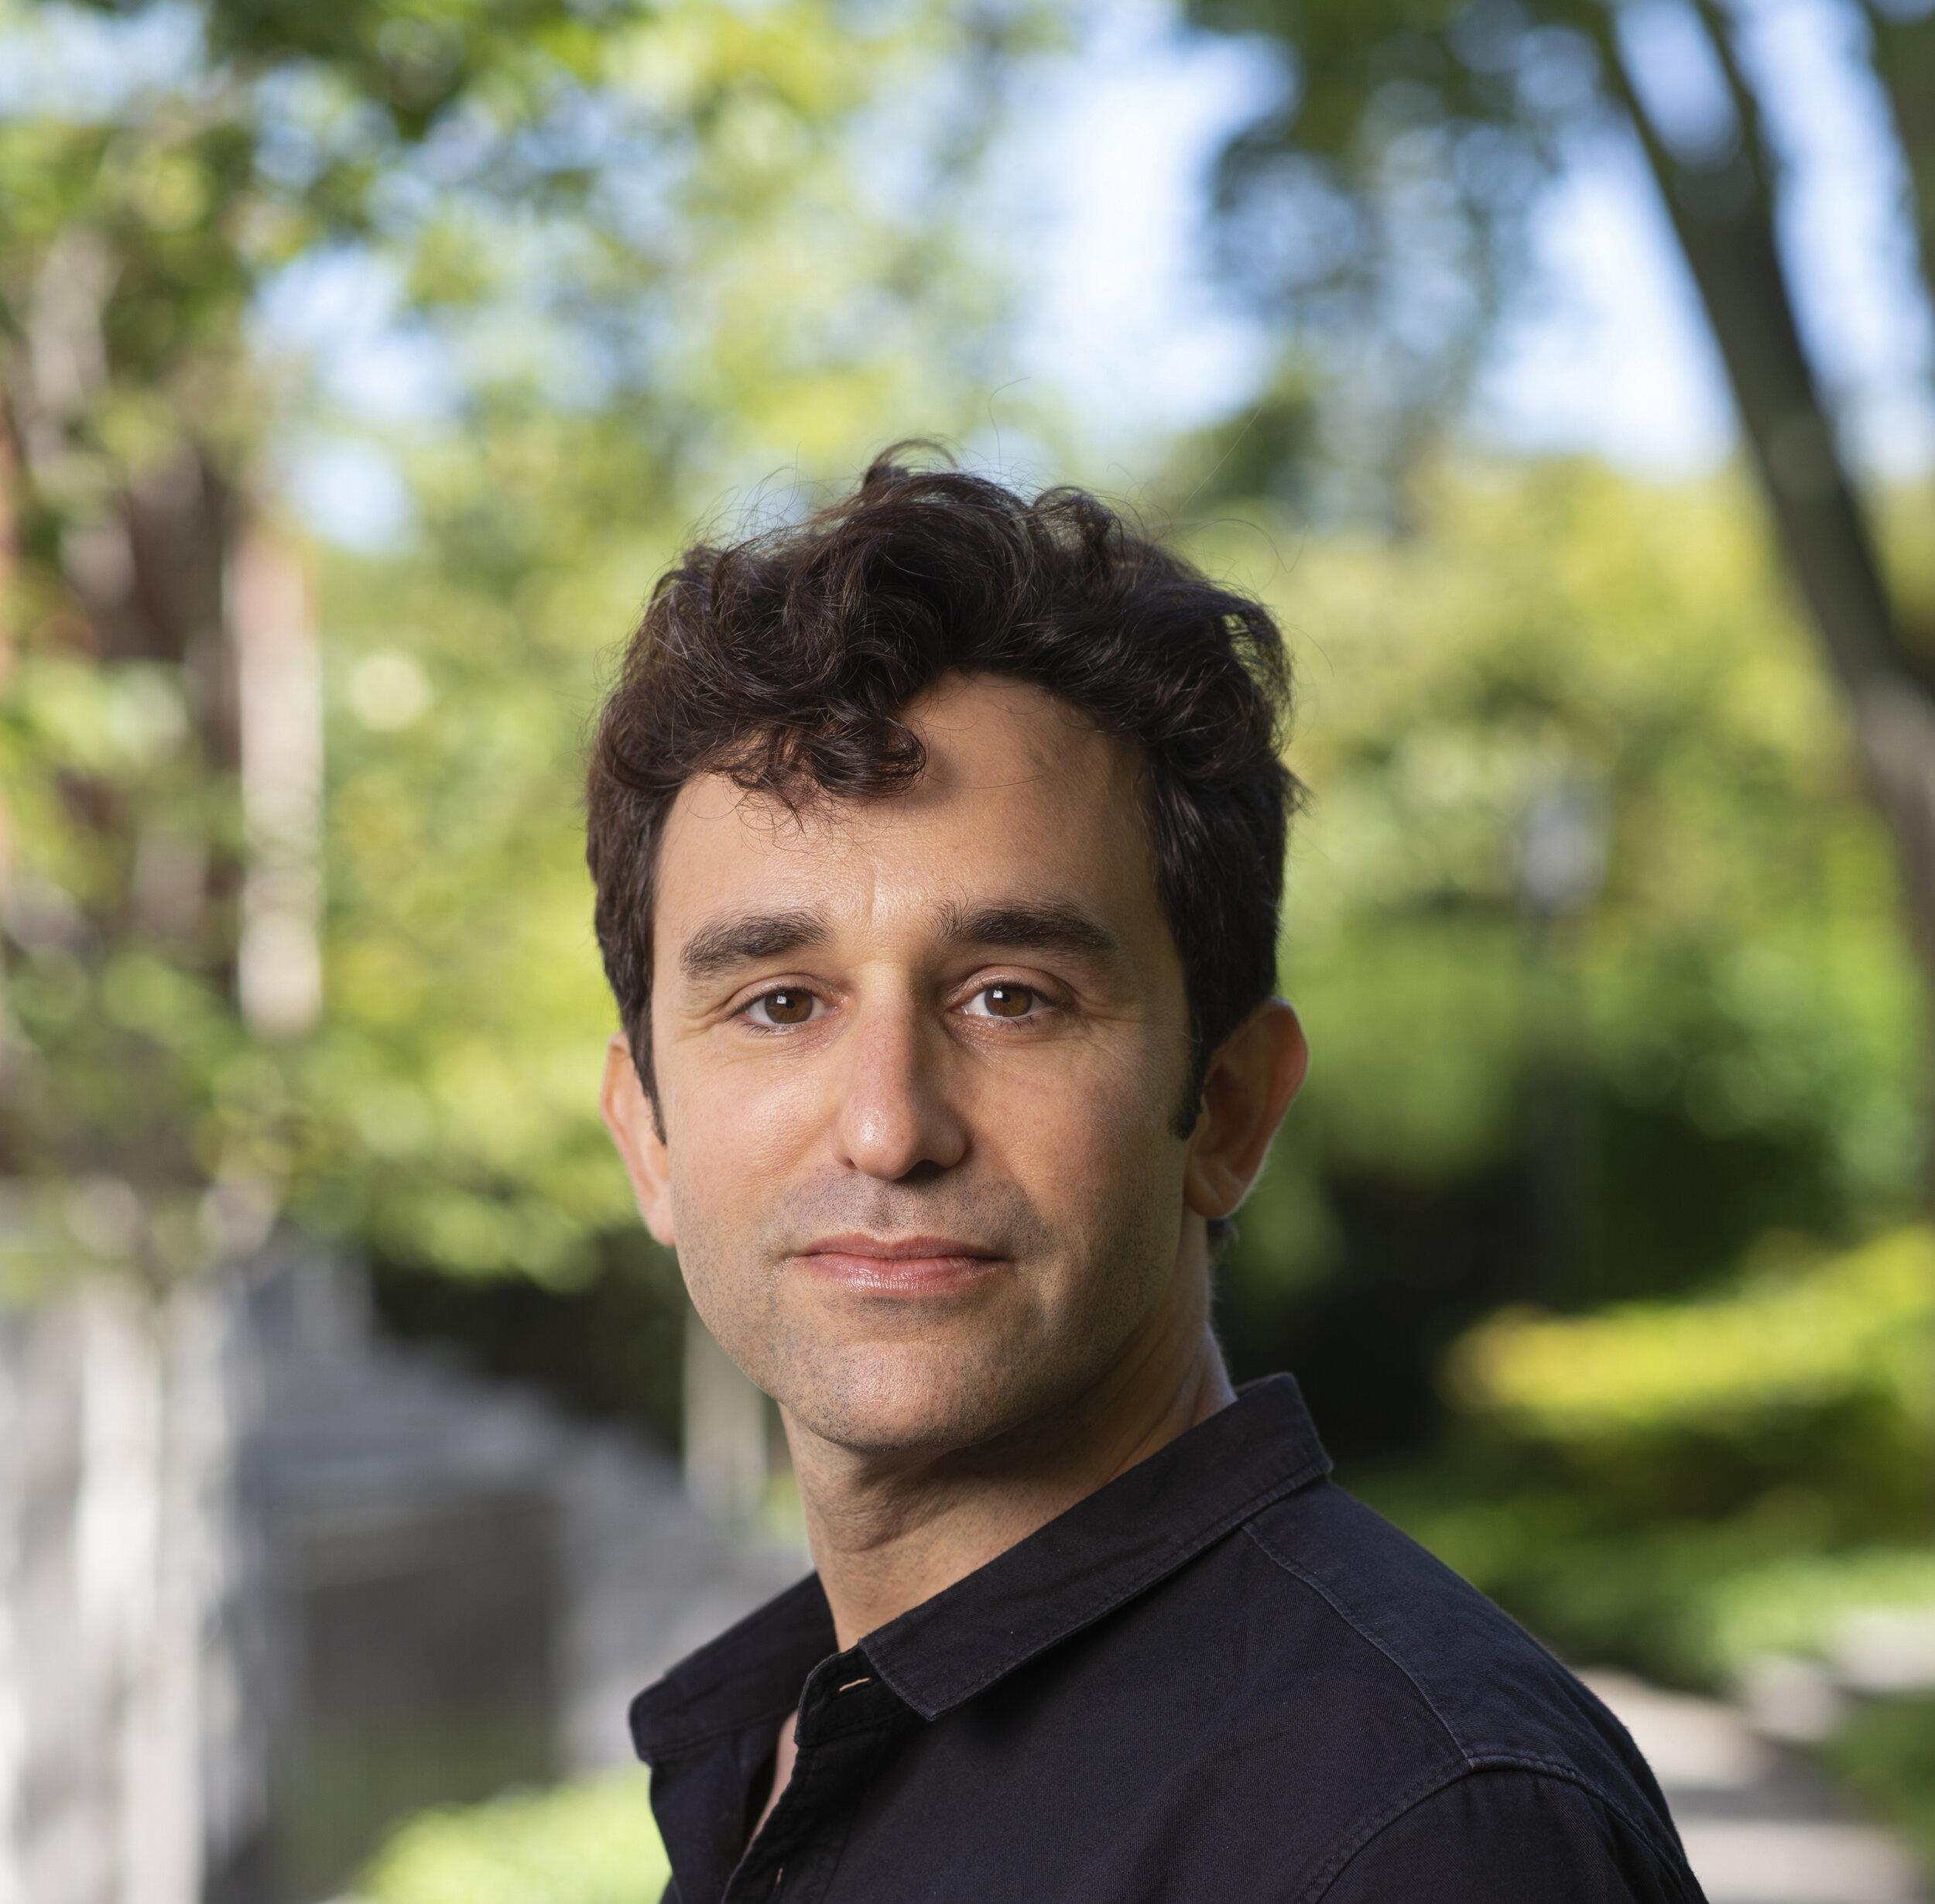 David Gruber headshot at Radcliffe.jpg